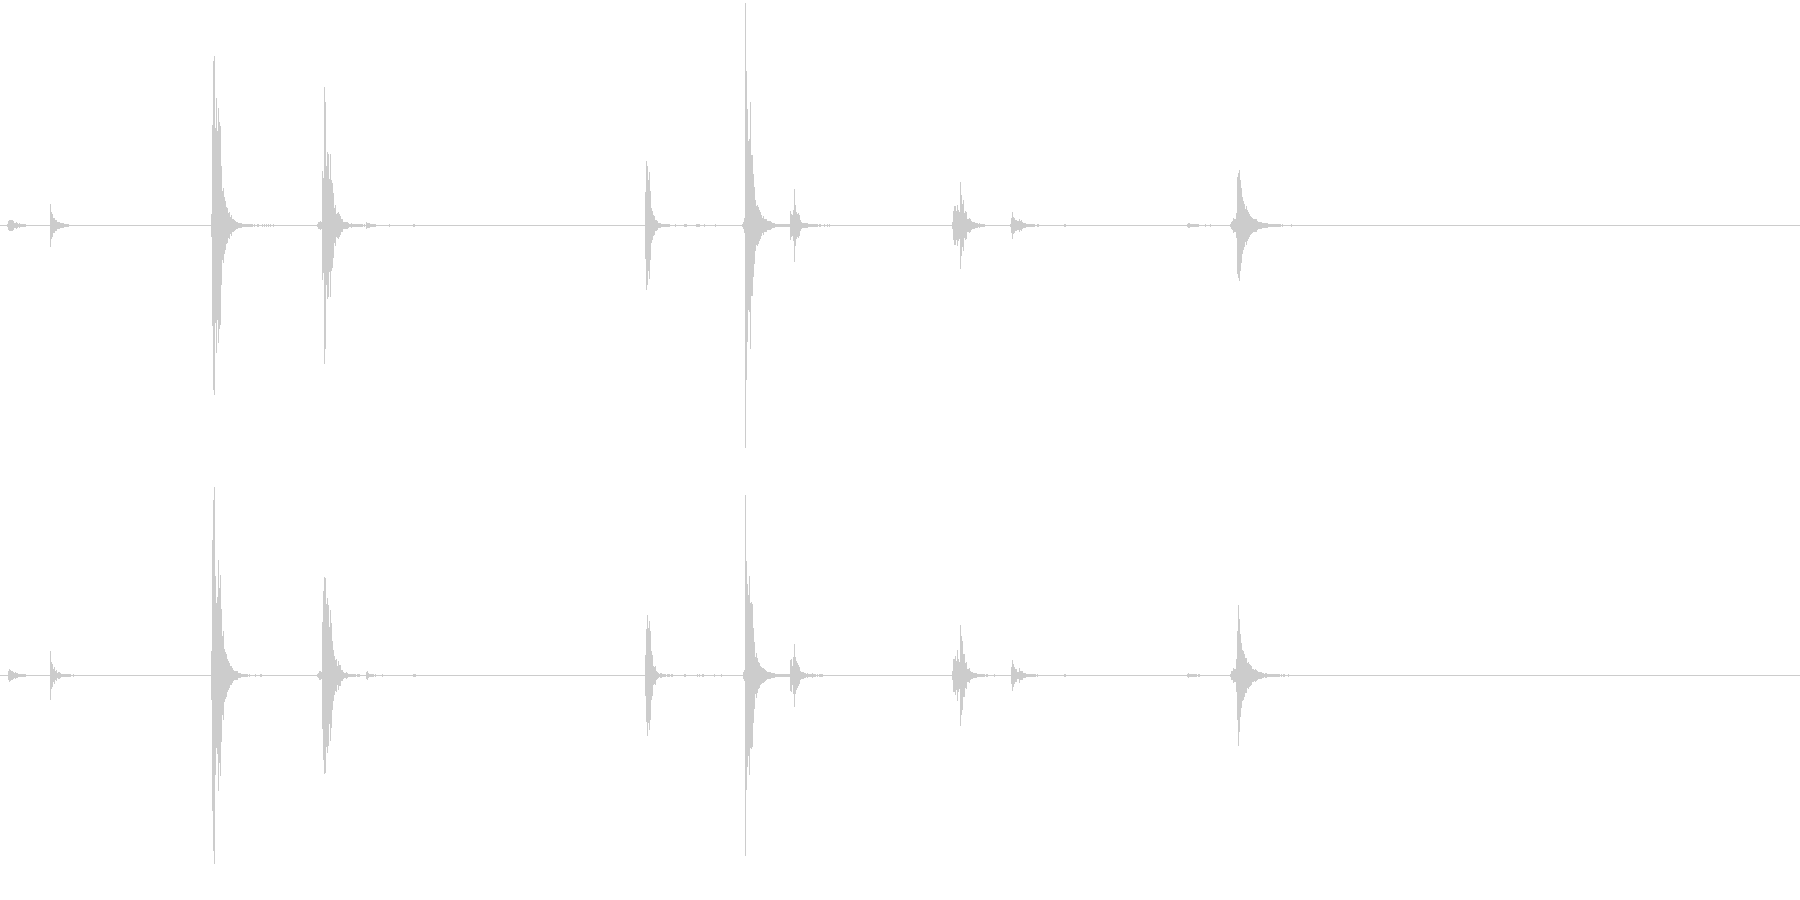 【生録音】手錠の音 4 小さく動くの未再生の波形